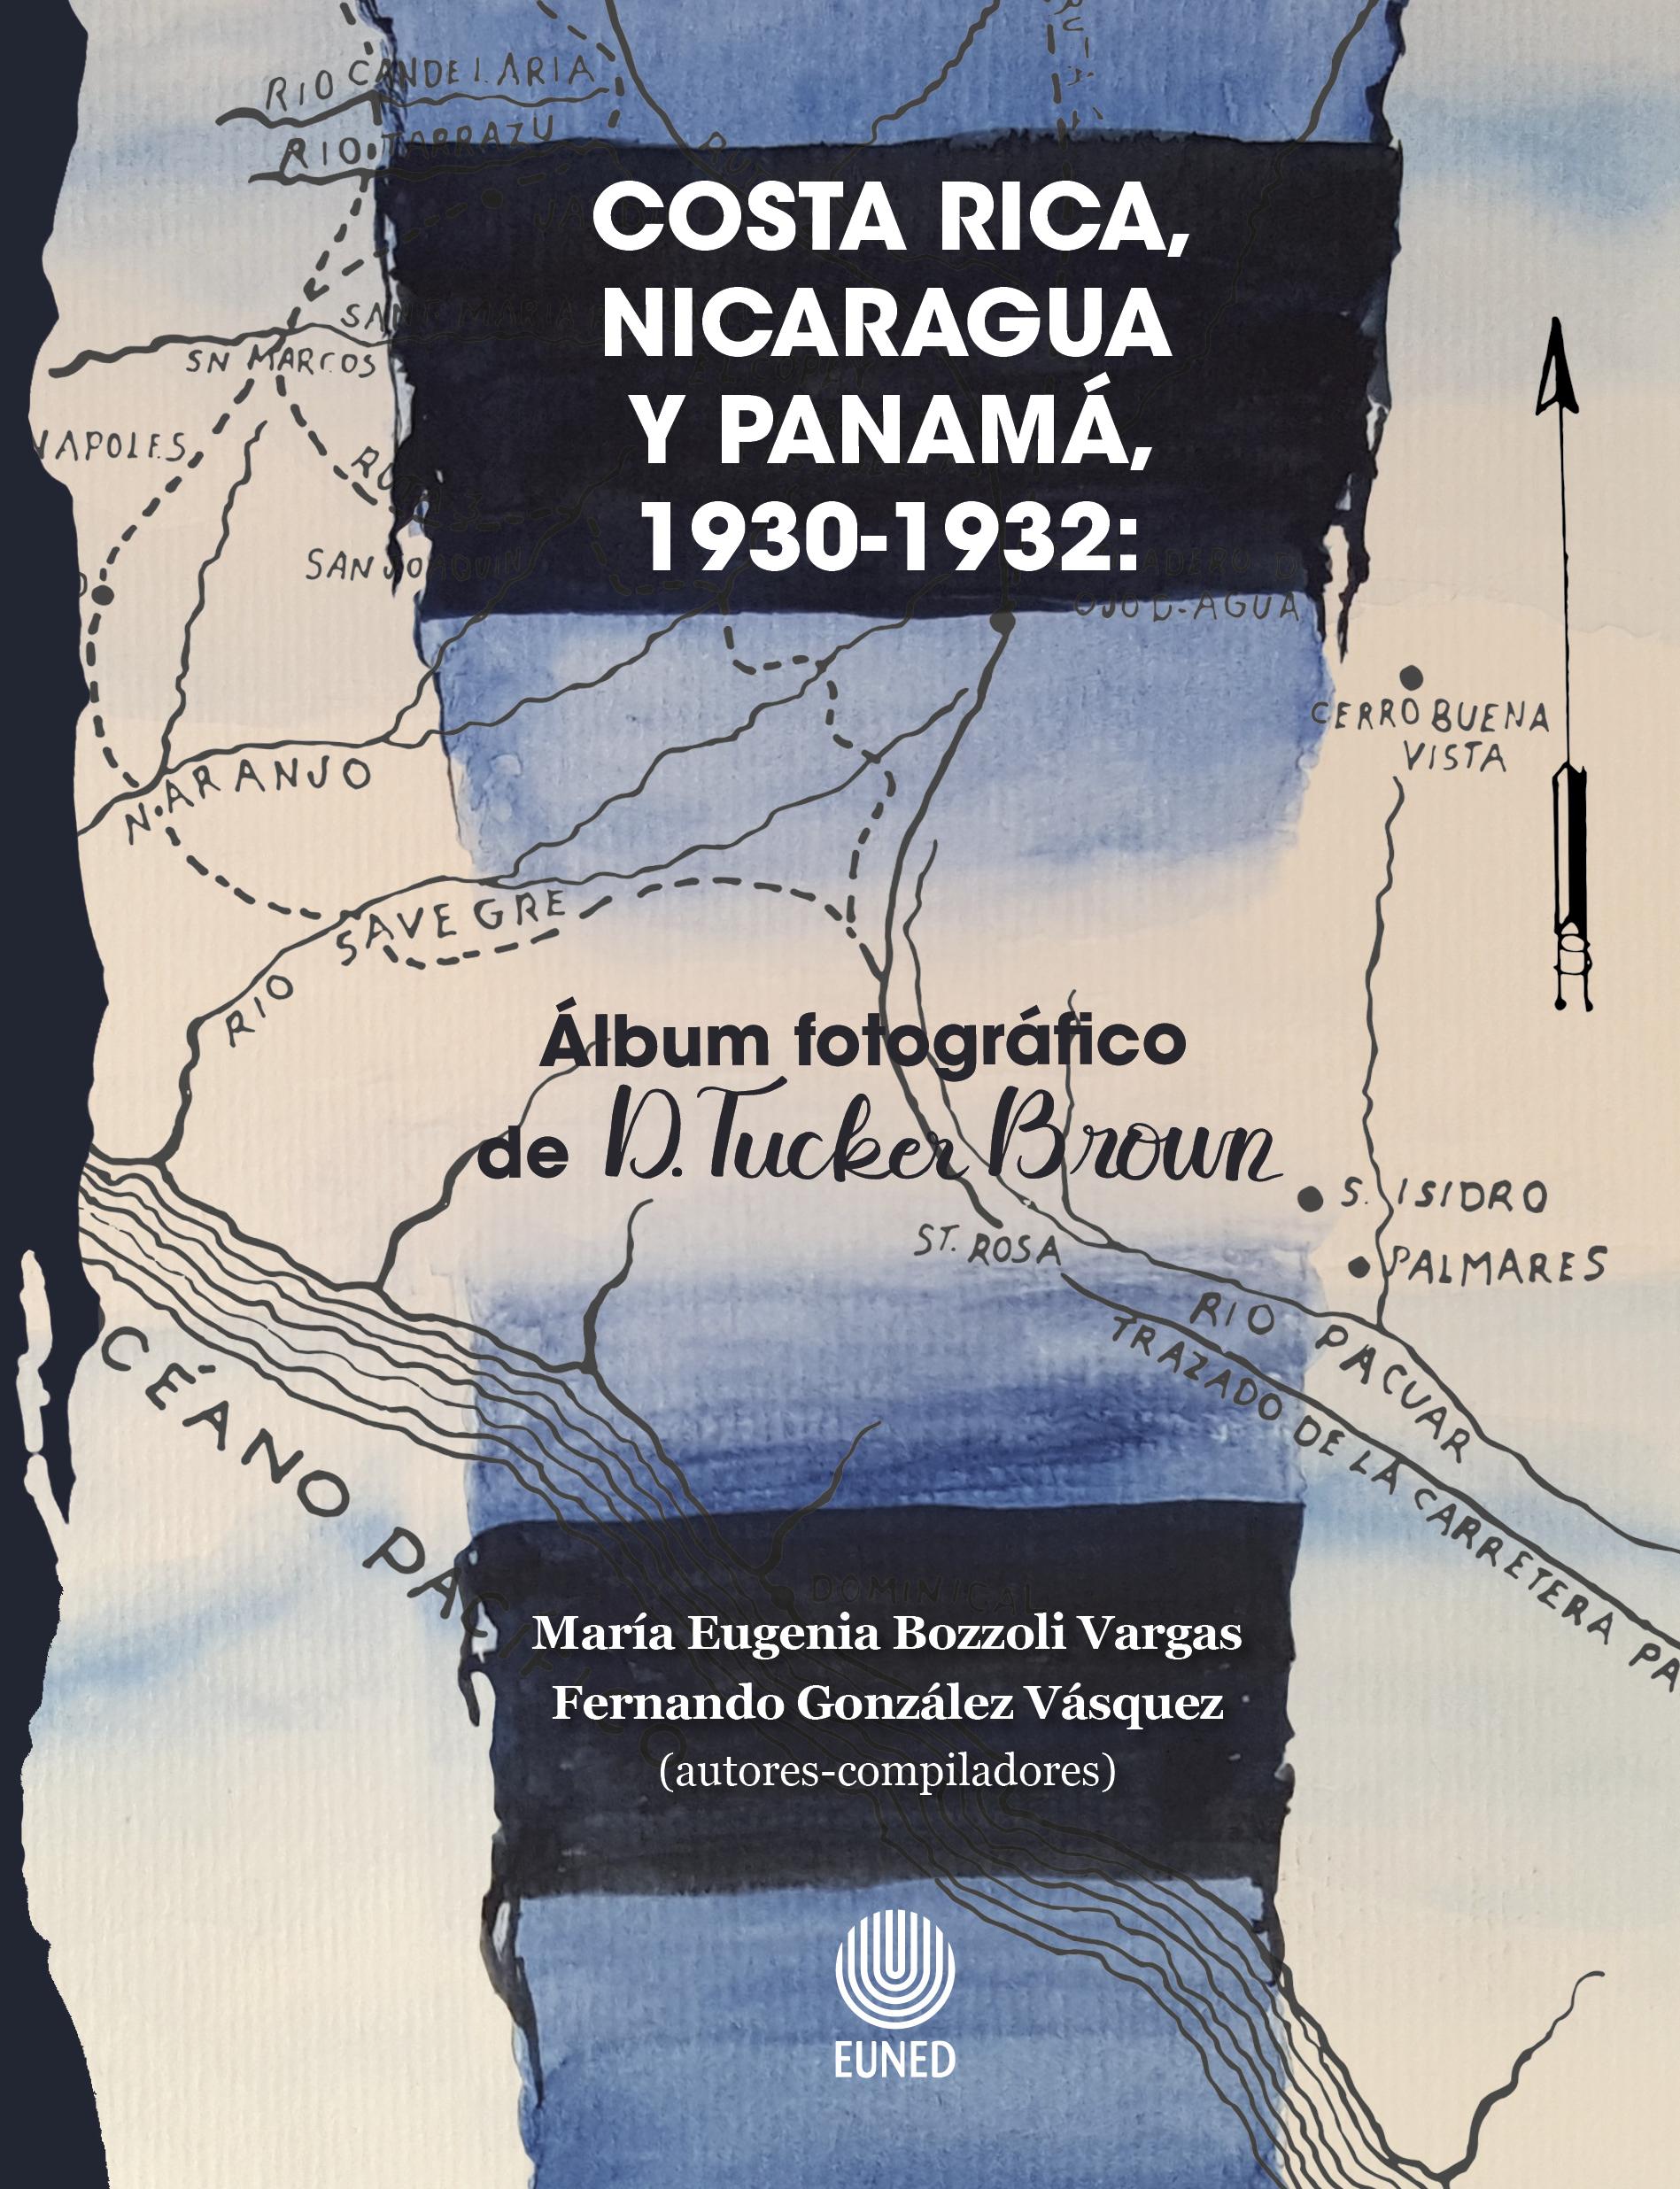 Costa Rica, Nicaragua y Panamá, 1930-1932